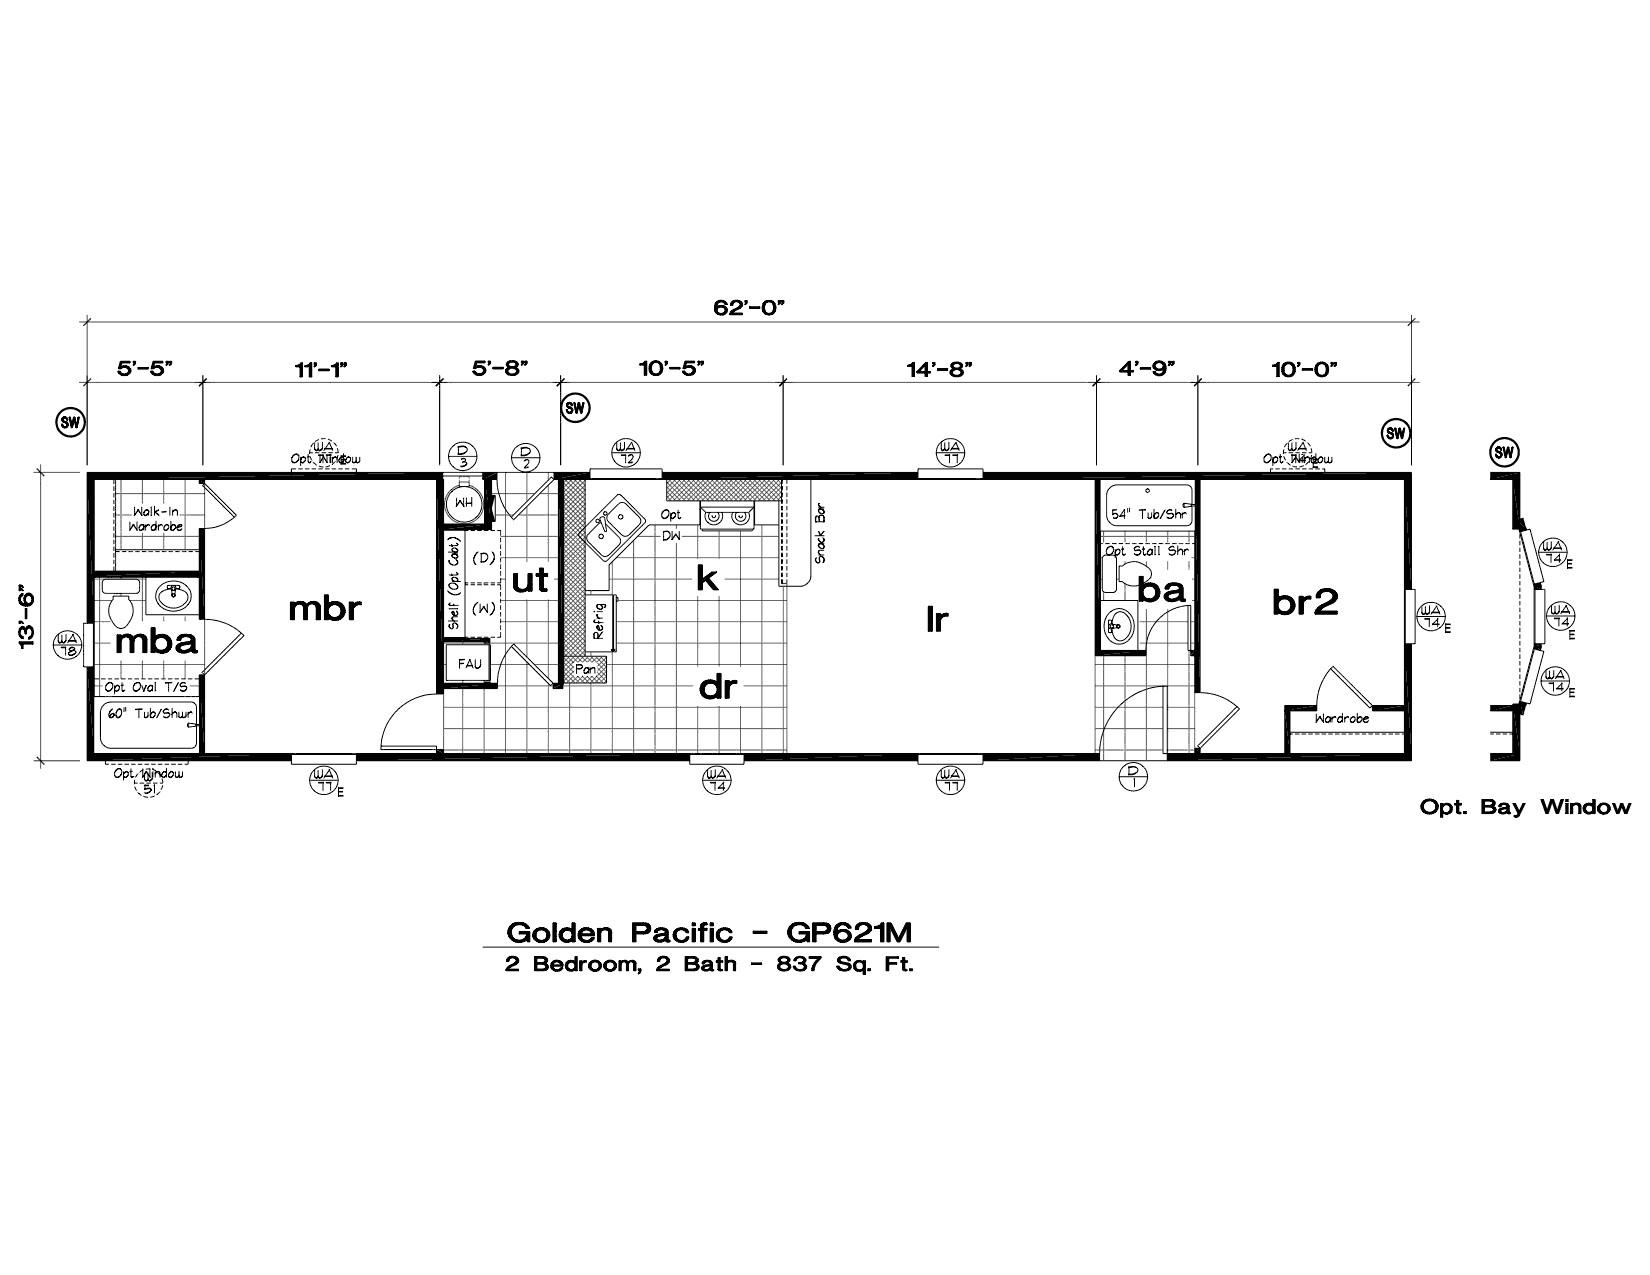 1997 fleetwood mobile home floor plan new modular home floor plans and manufactured home floor plans best